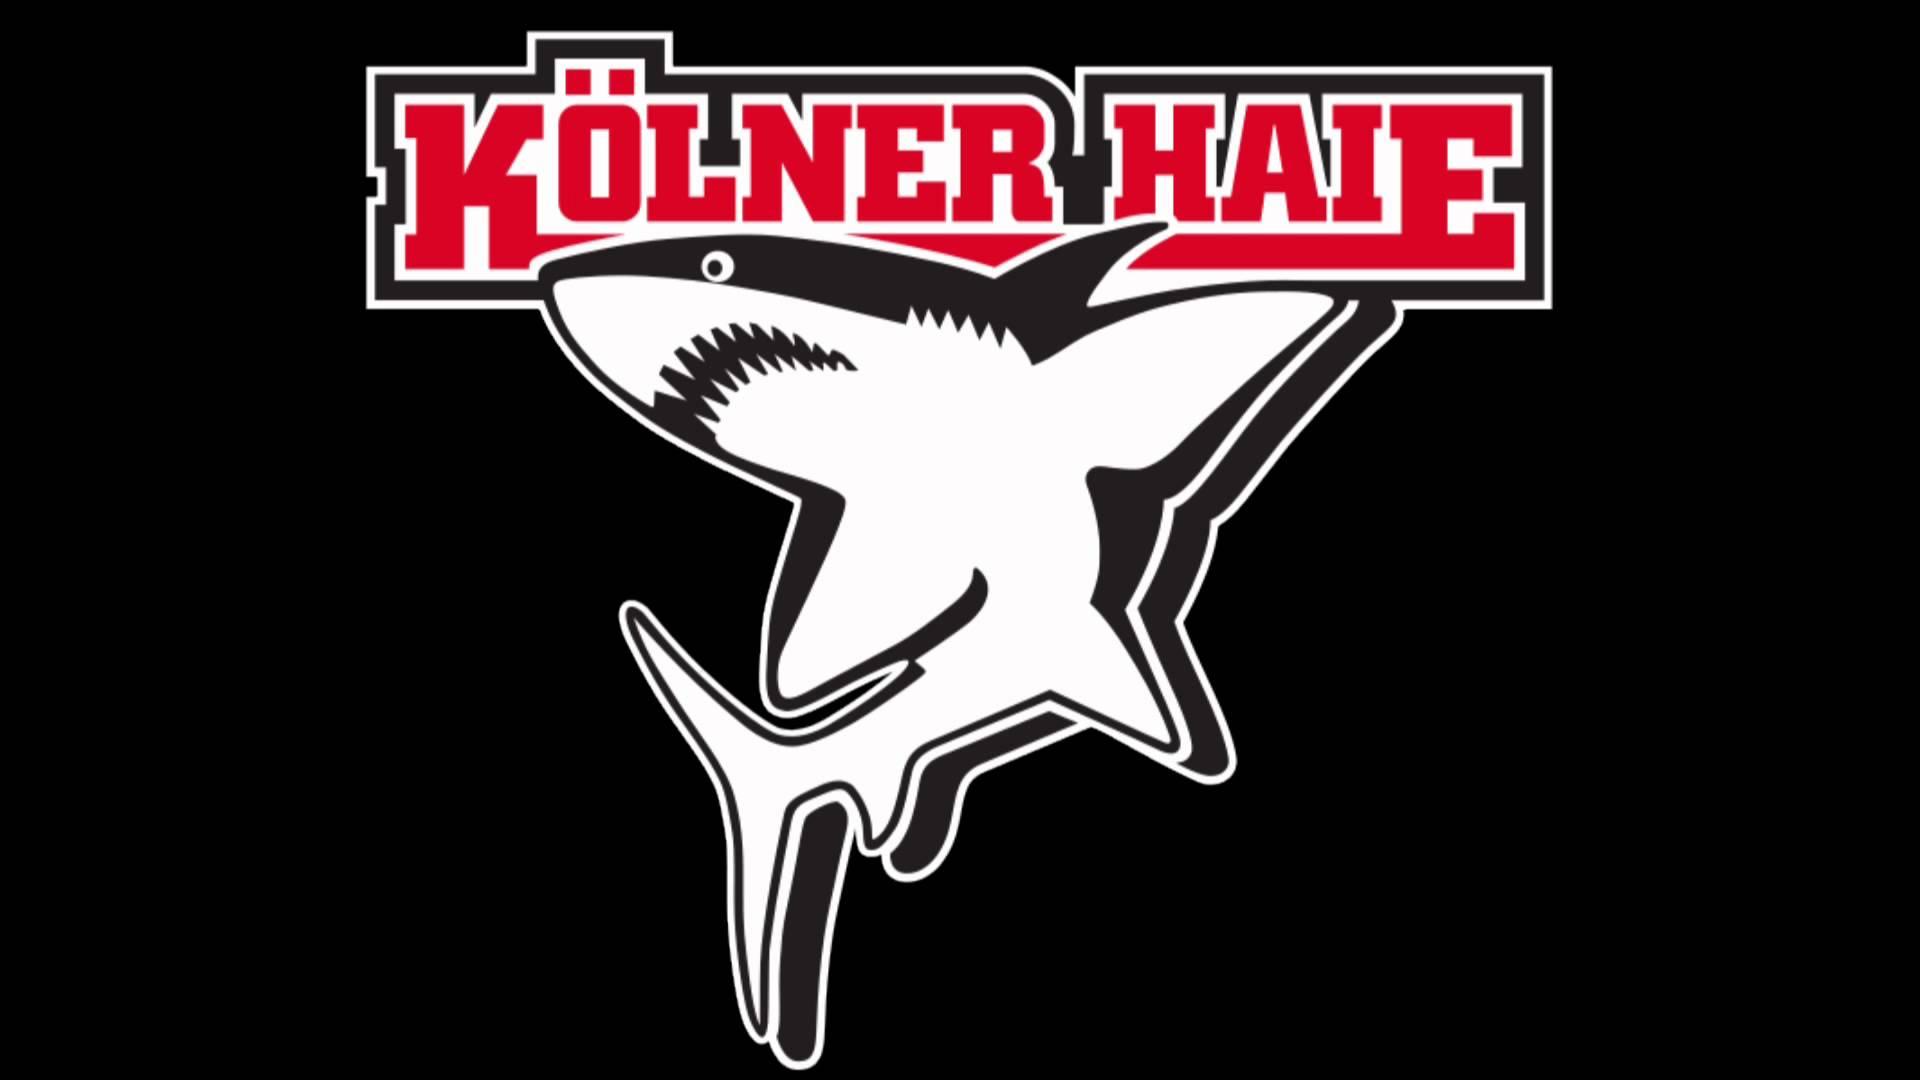 Vorankündigung: Tickets - Kölner Haie ab dem 14.10